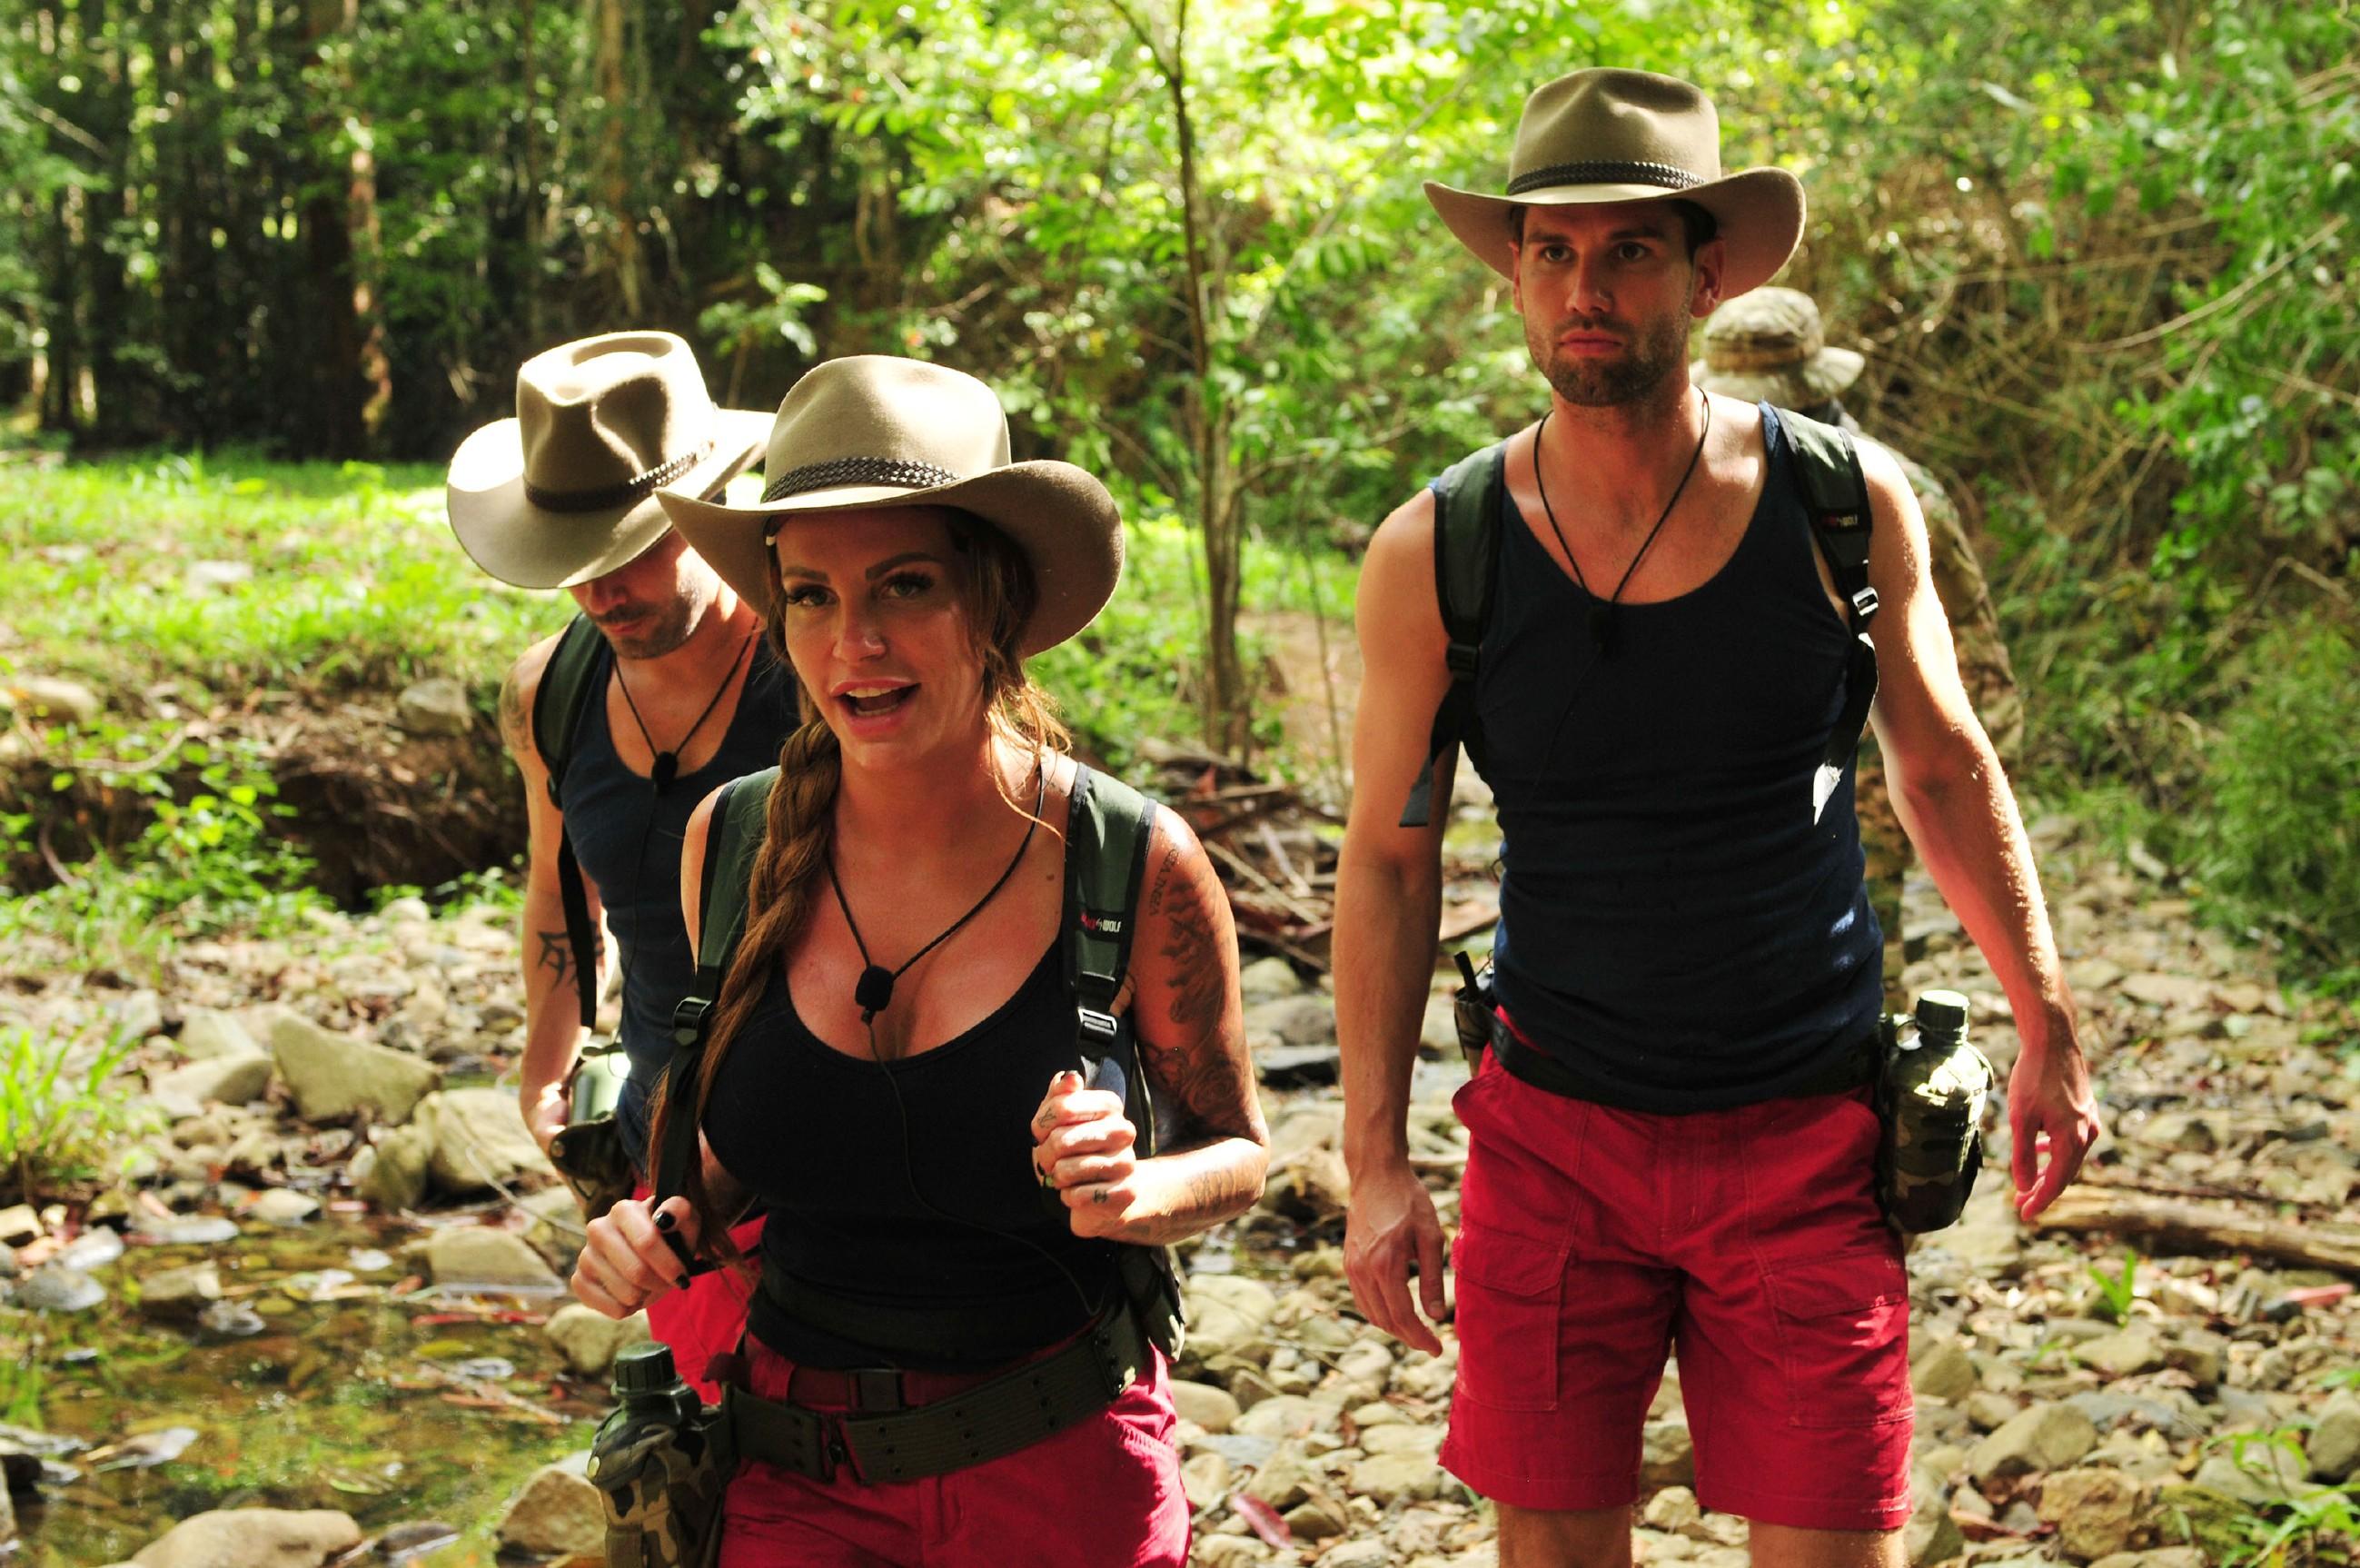 Dschungelcamp 2017 Einzug - Marc Terenzi, Gina-Lisa Lohfink und Alexander Honey Keen